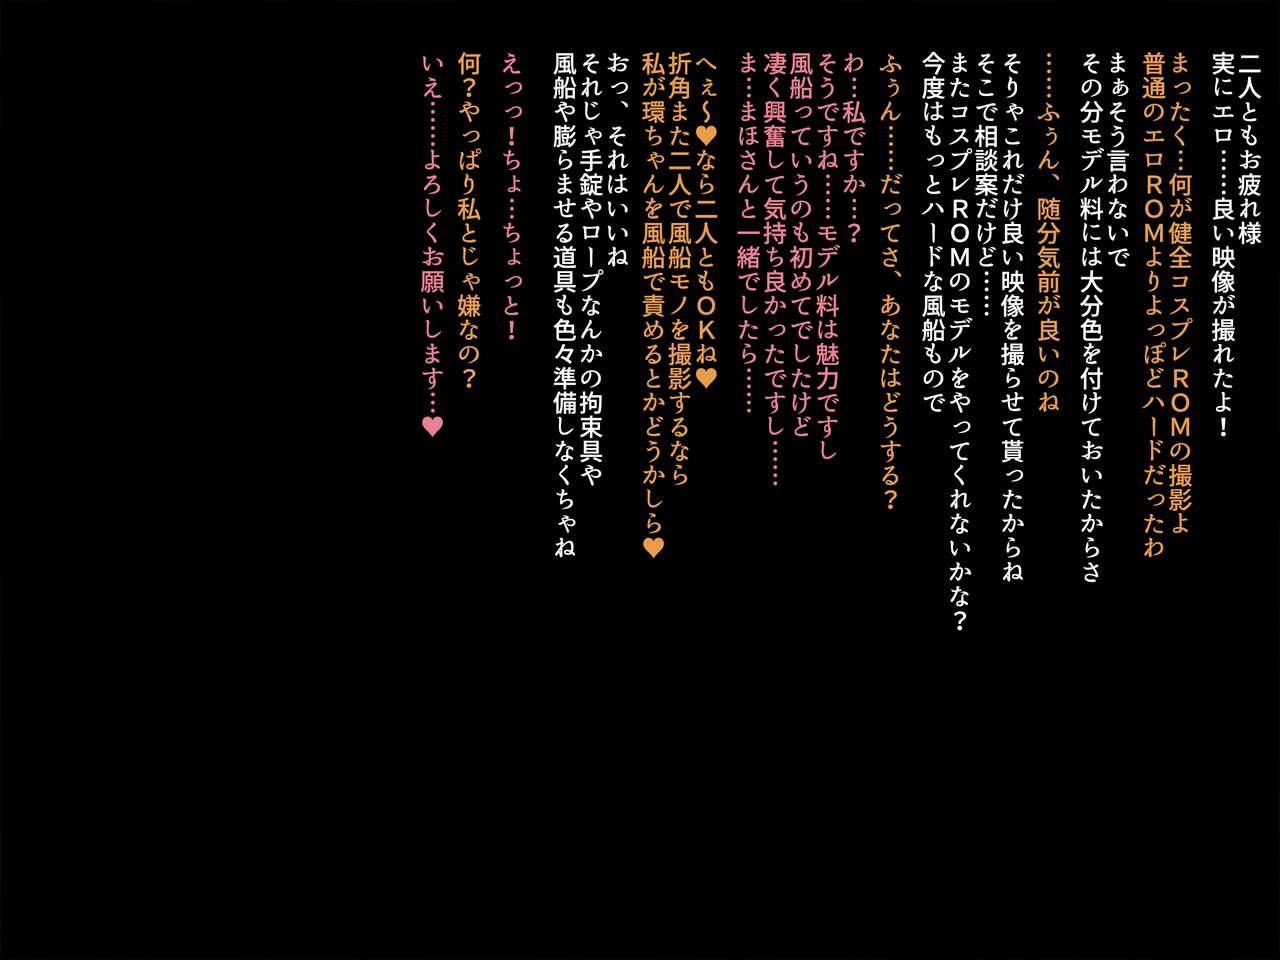 膨乳&シスターズ + 風船浣腸膨腹 タ○姉&タ○坊編 31